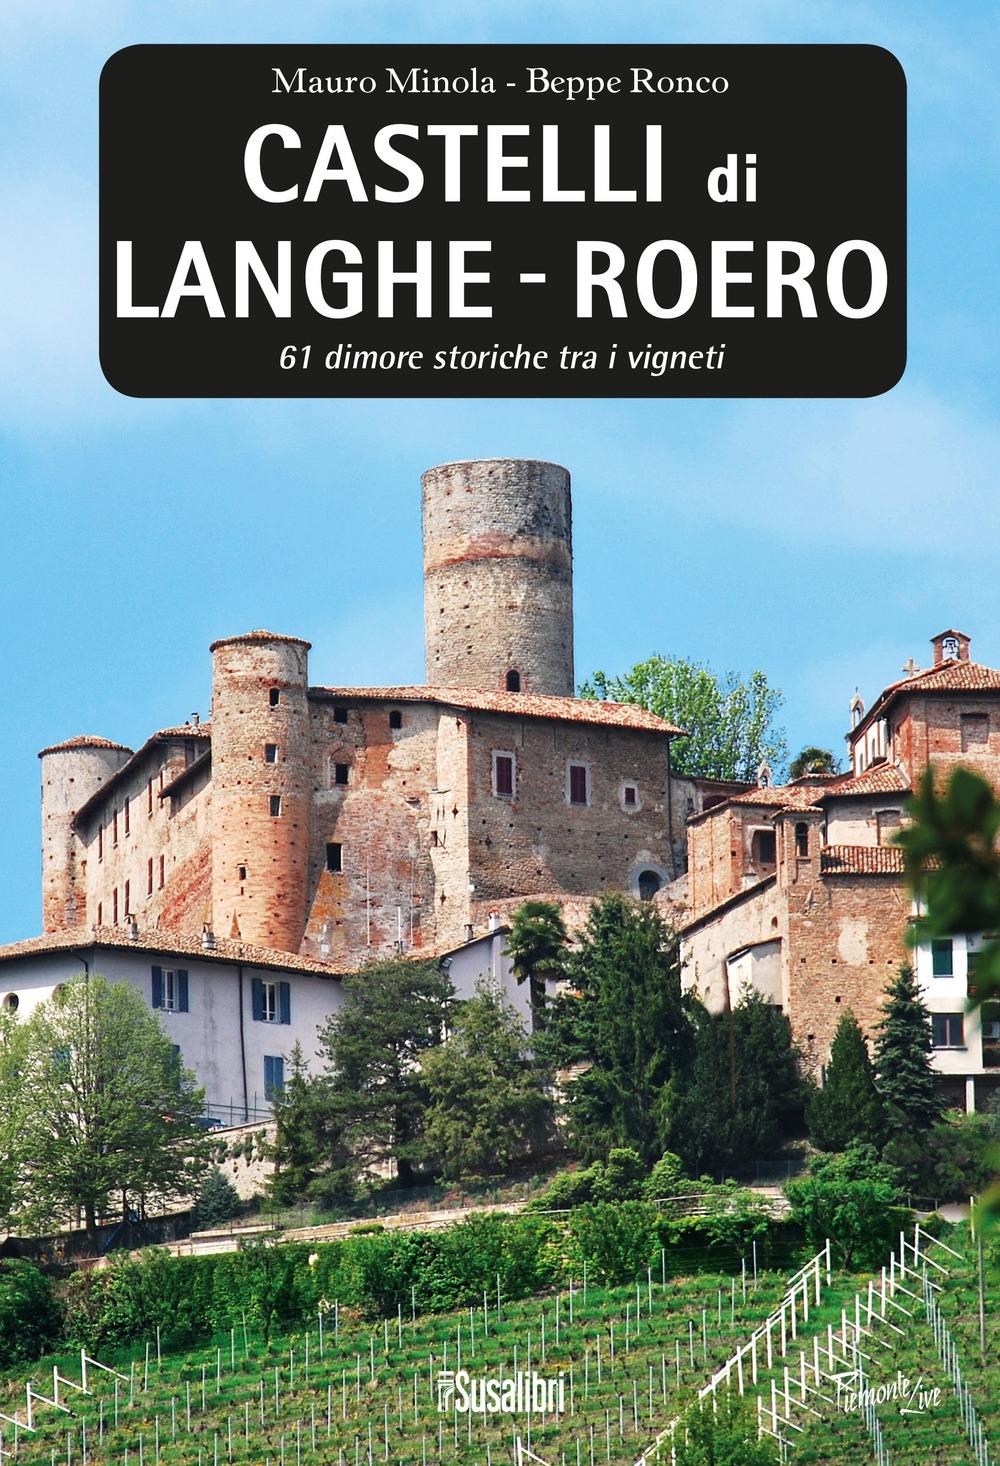 Castelli di Langhe - Roero. 61 dimore storiche tra i vigneti - Mauro Minola; Beppe Ronco